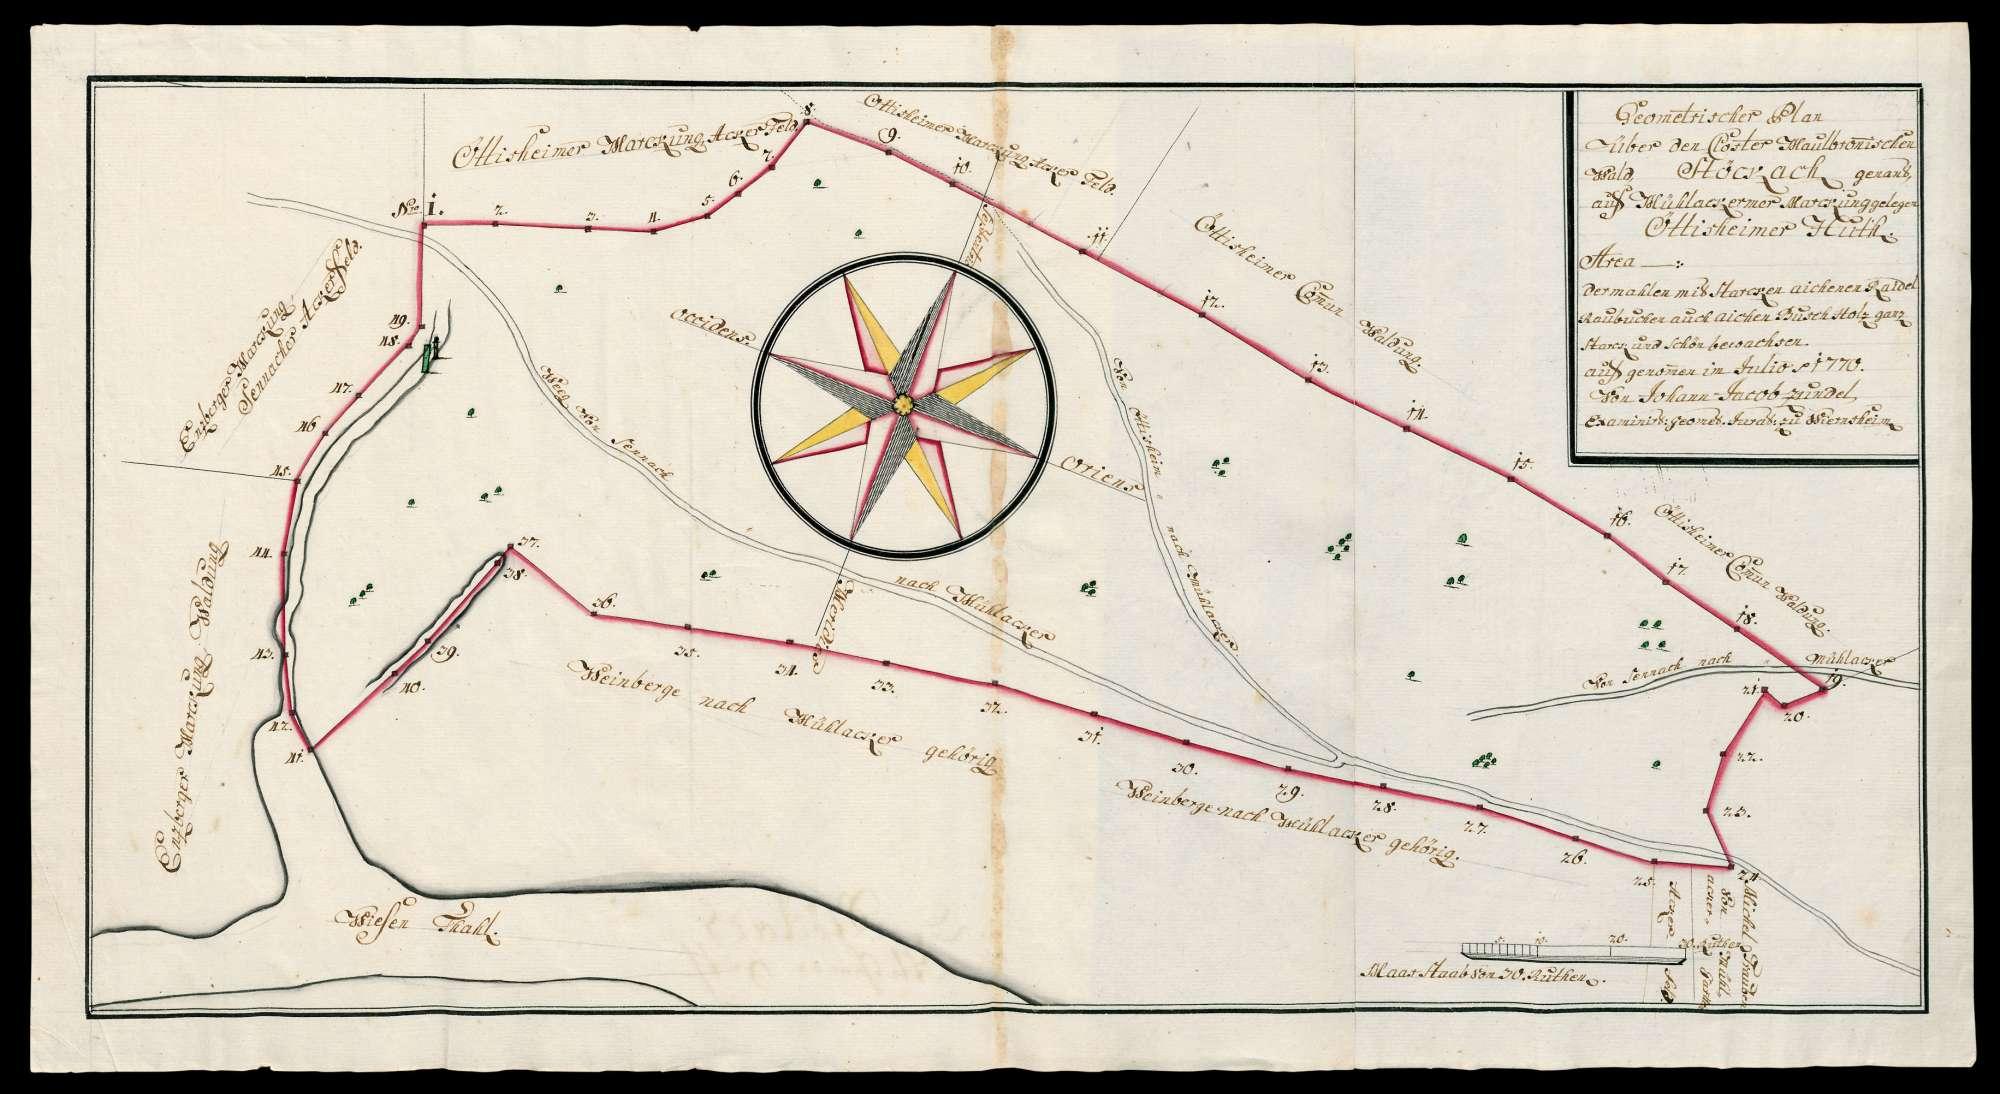 """""""Geometrischer Plan über den Kloster Maulbronnischen Wald, Stöckach genannt, auf Mühlackerer Markung gelegen, Ötisheimer Hut. ... aufgenommen 1770 von Johann Jacob Zundel, Geometer iuratus zu Wiernsheim"""", Bild 1"""